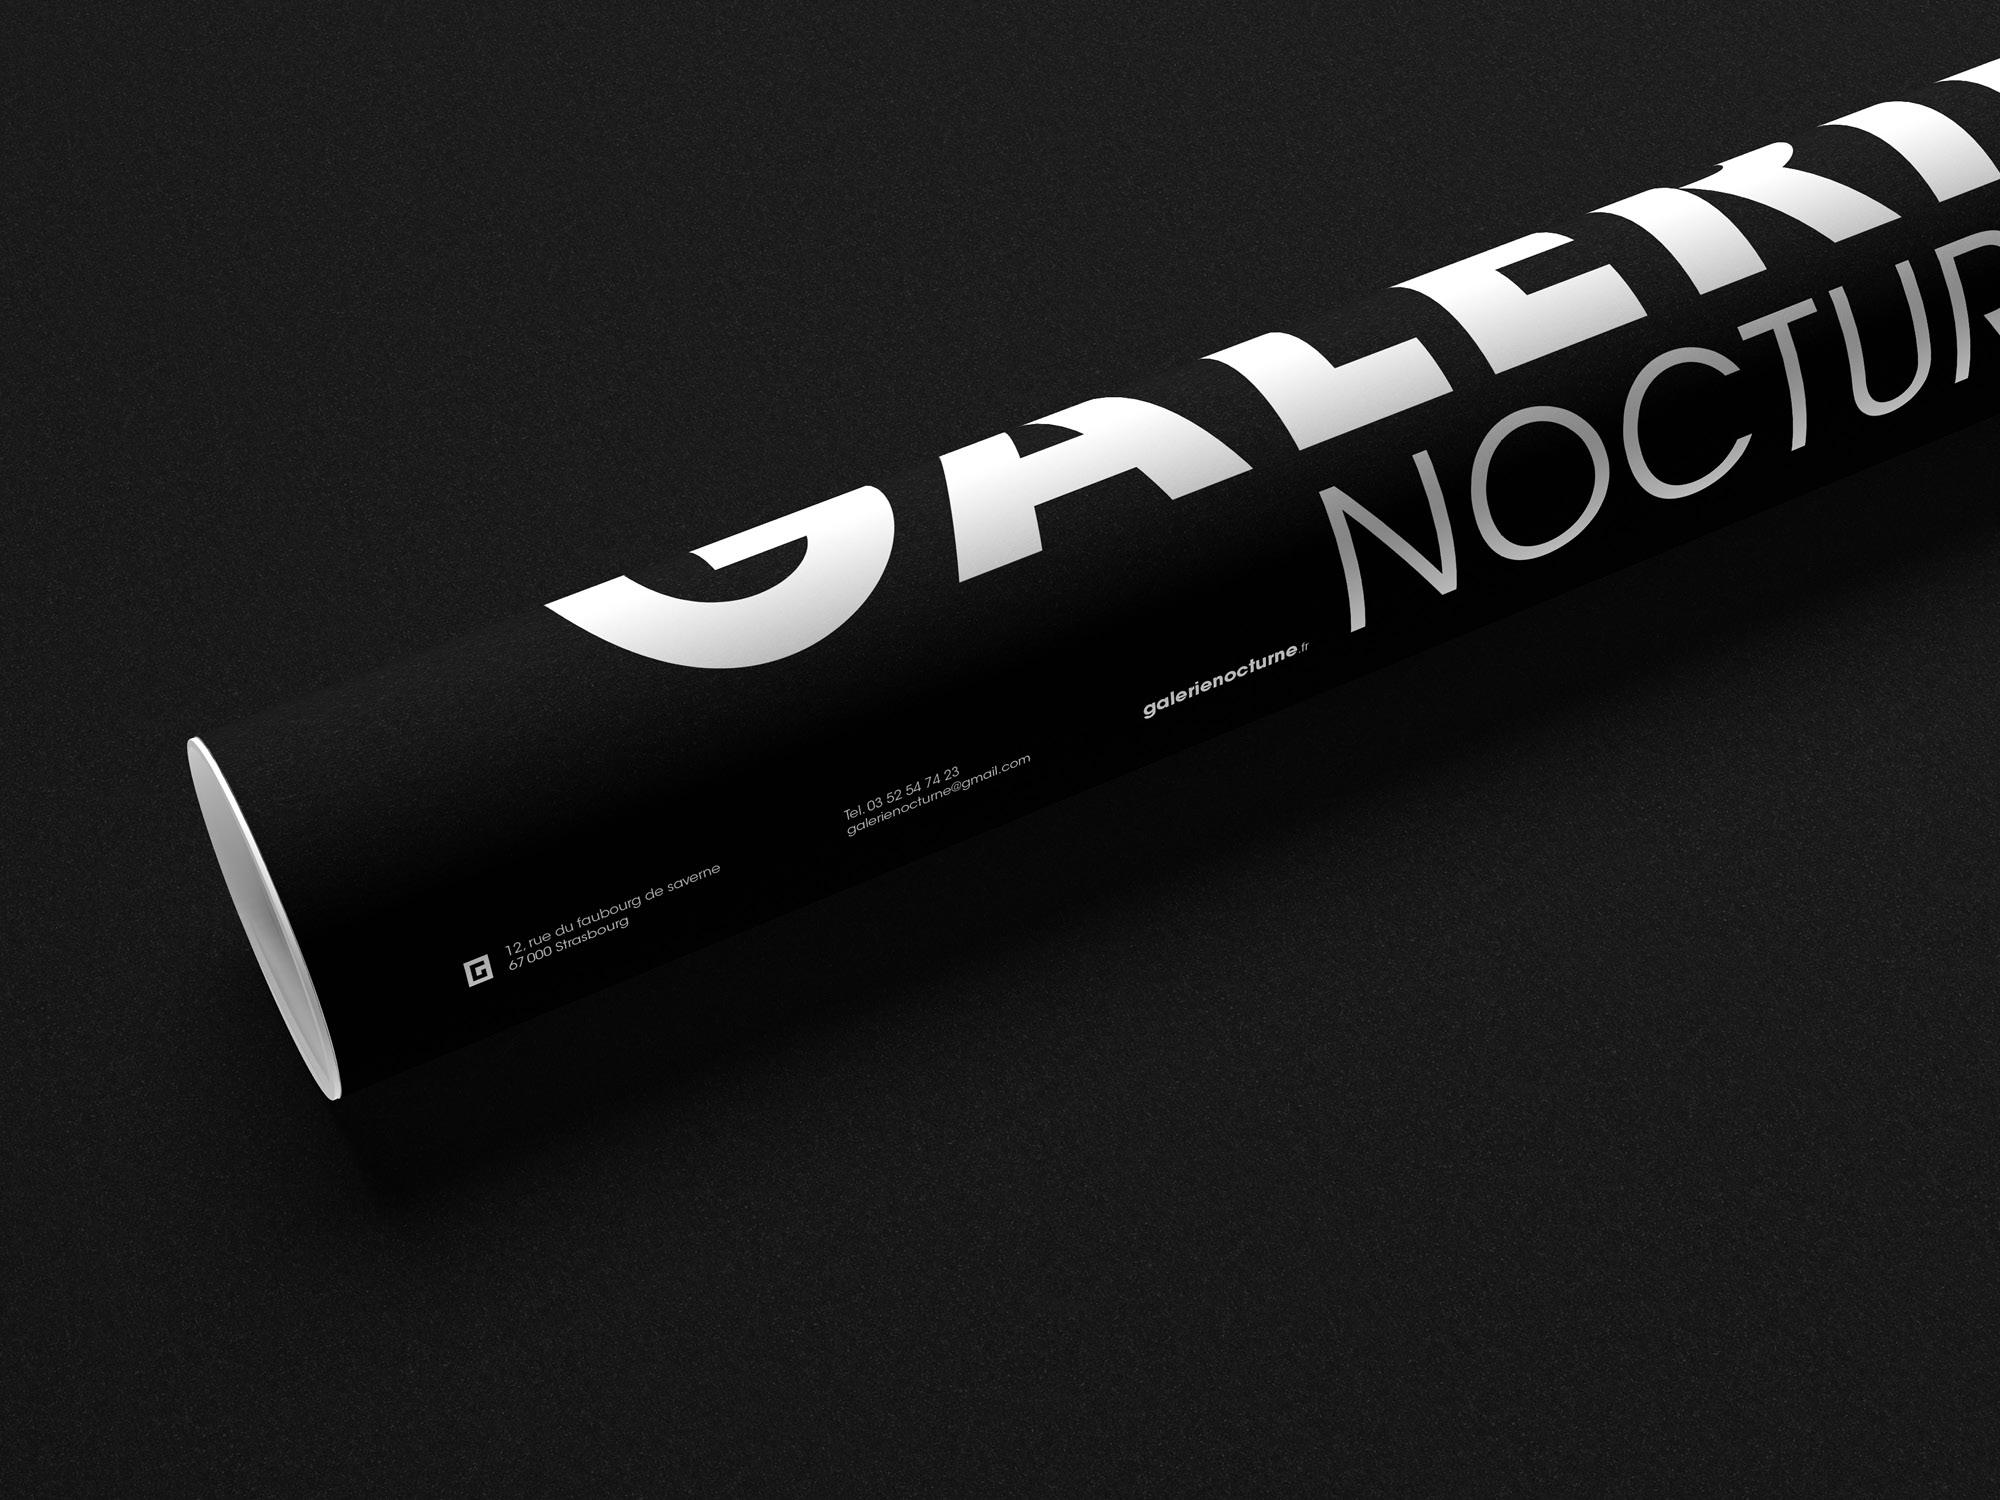 Galerie-nocturne-branding-tube